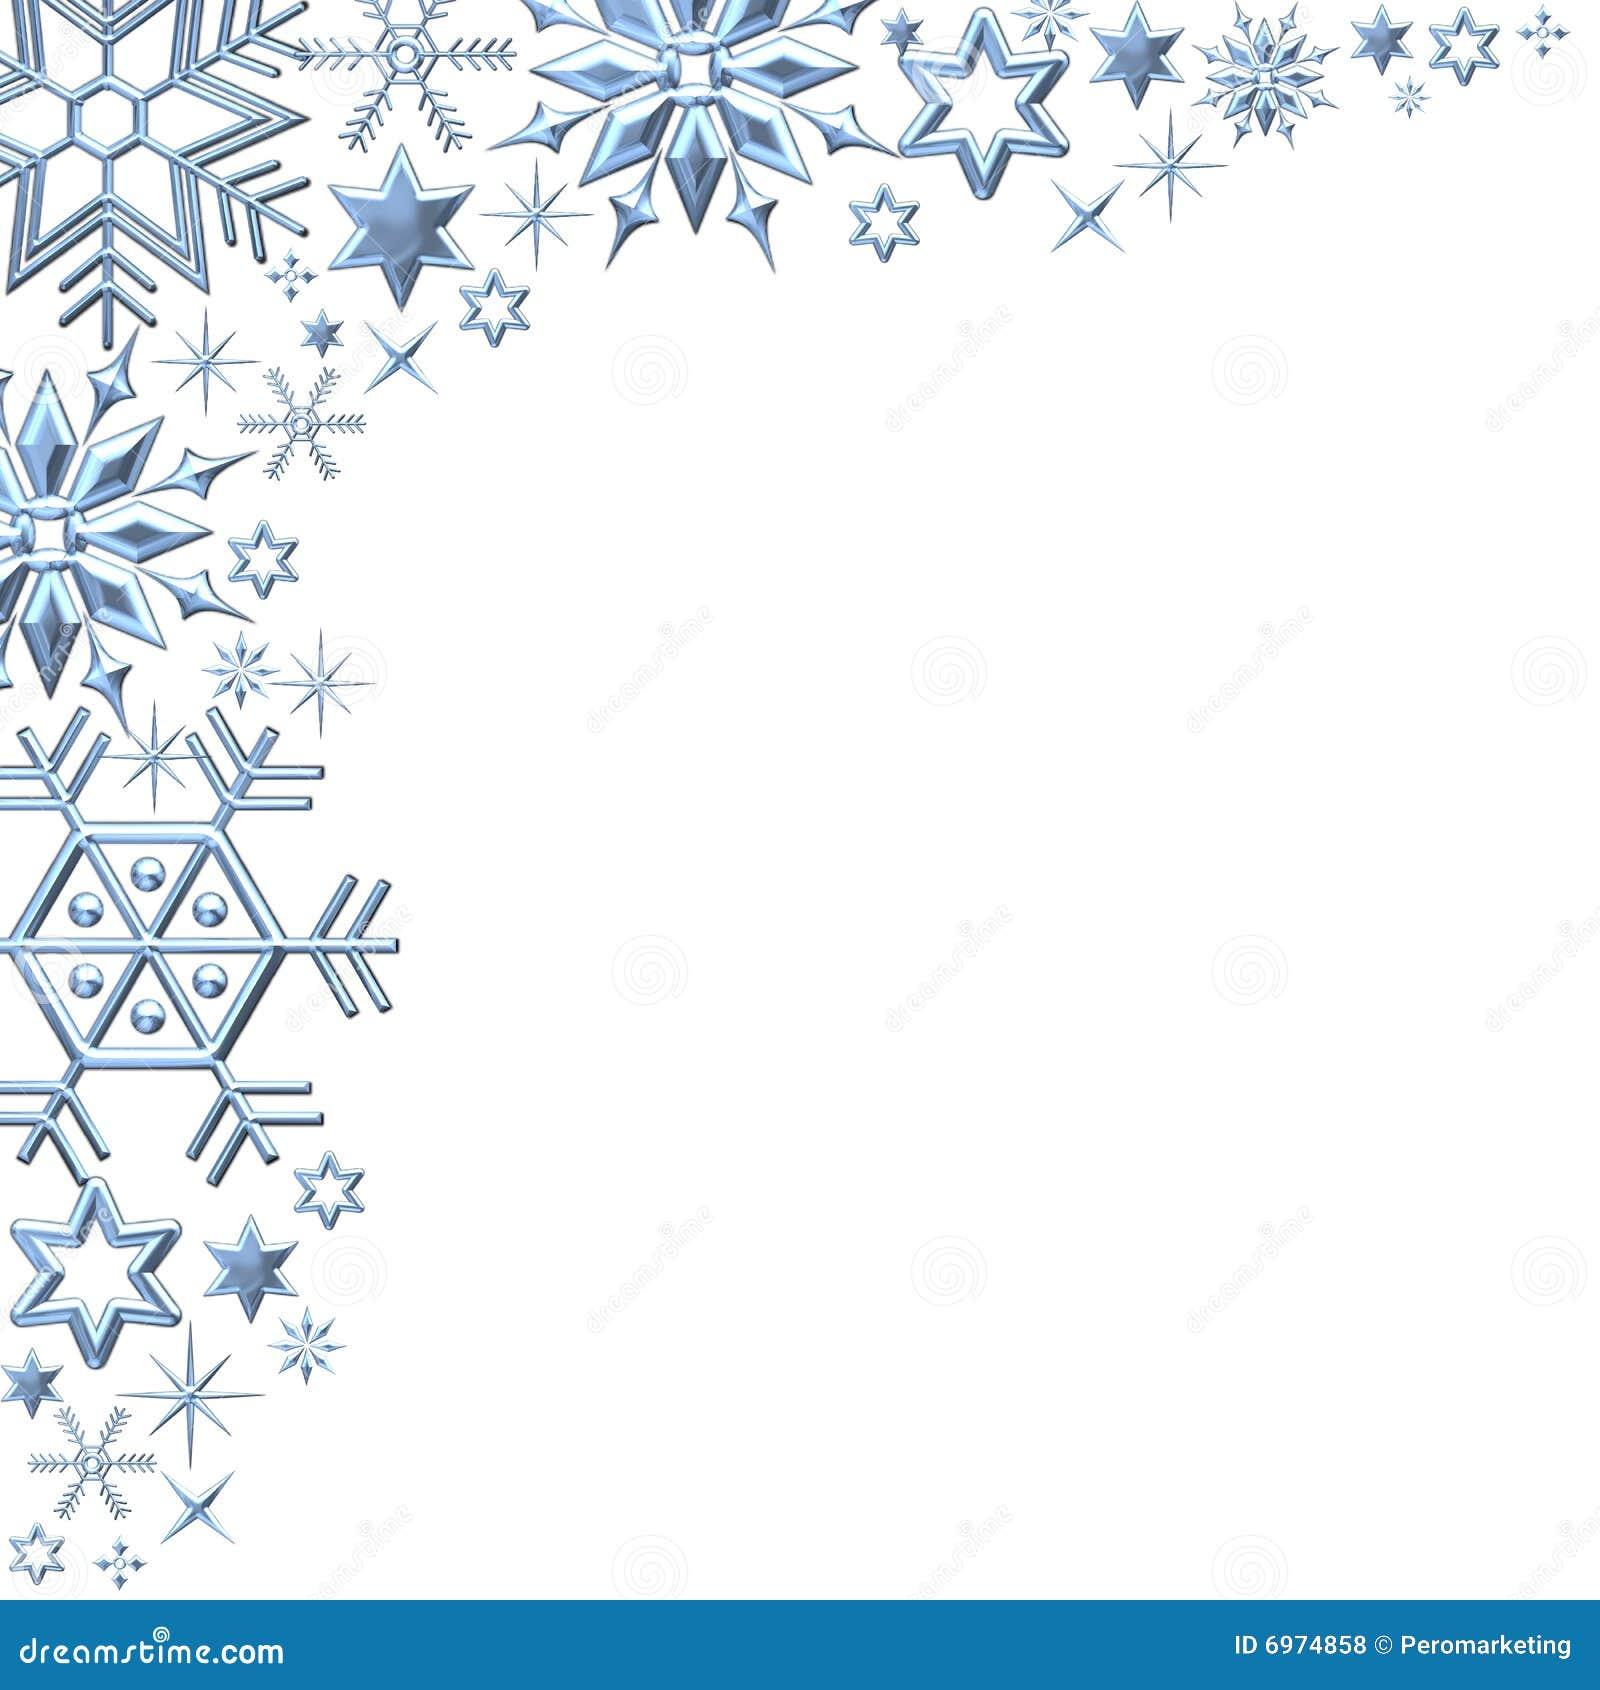 Snowflakes Border On White Royalty Free Stock Photos - Image: 6974858